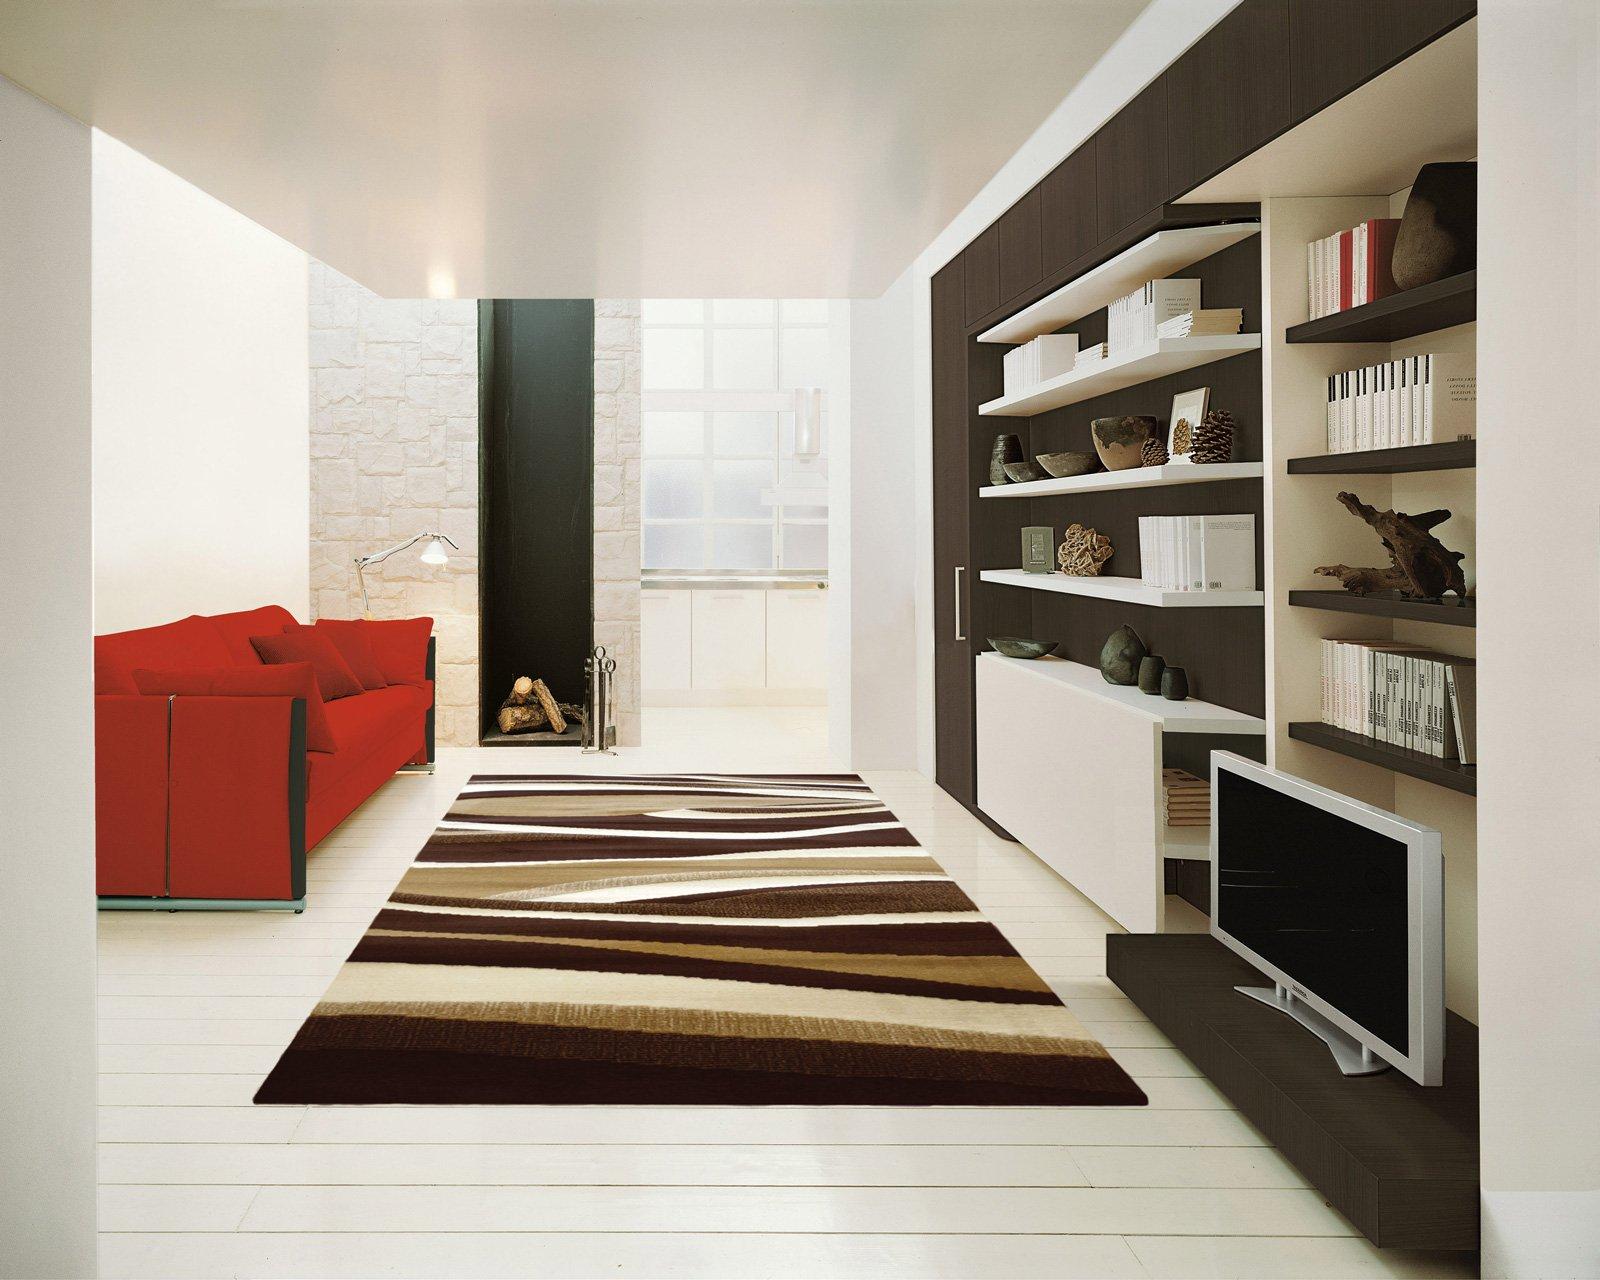 Librerie pareti attrezzate multifunzione cose di casa for Parete attrezzata con divano